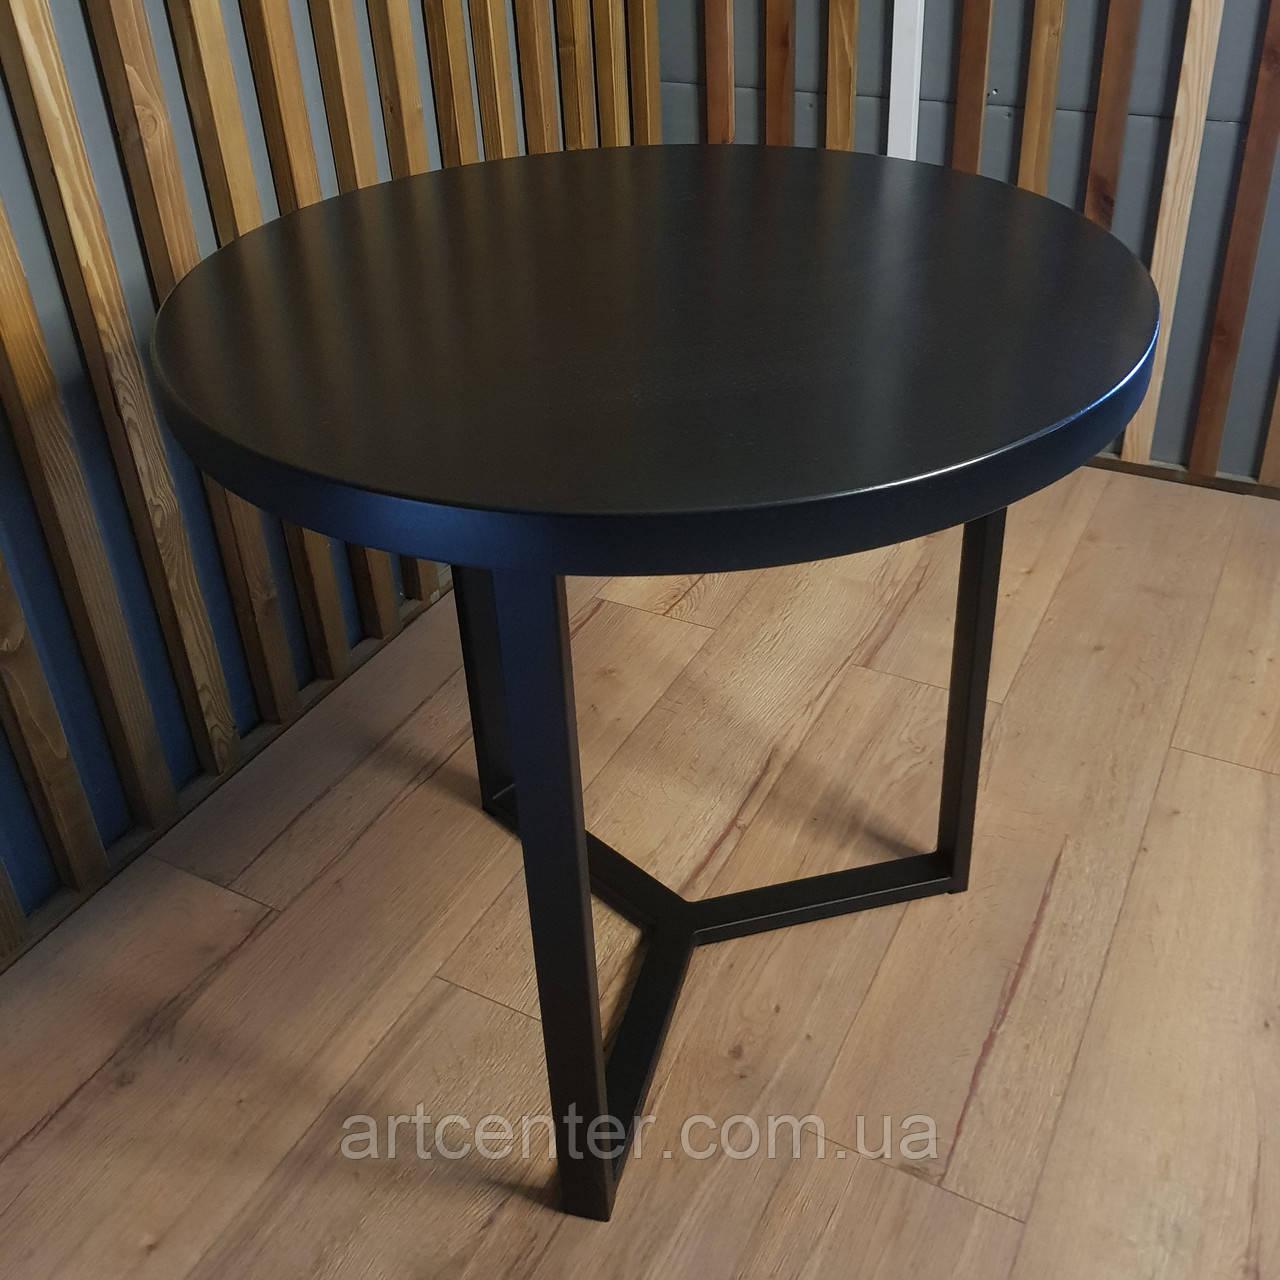 Круглий стіл в чорному кольорі, стільниця з натурального дерева